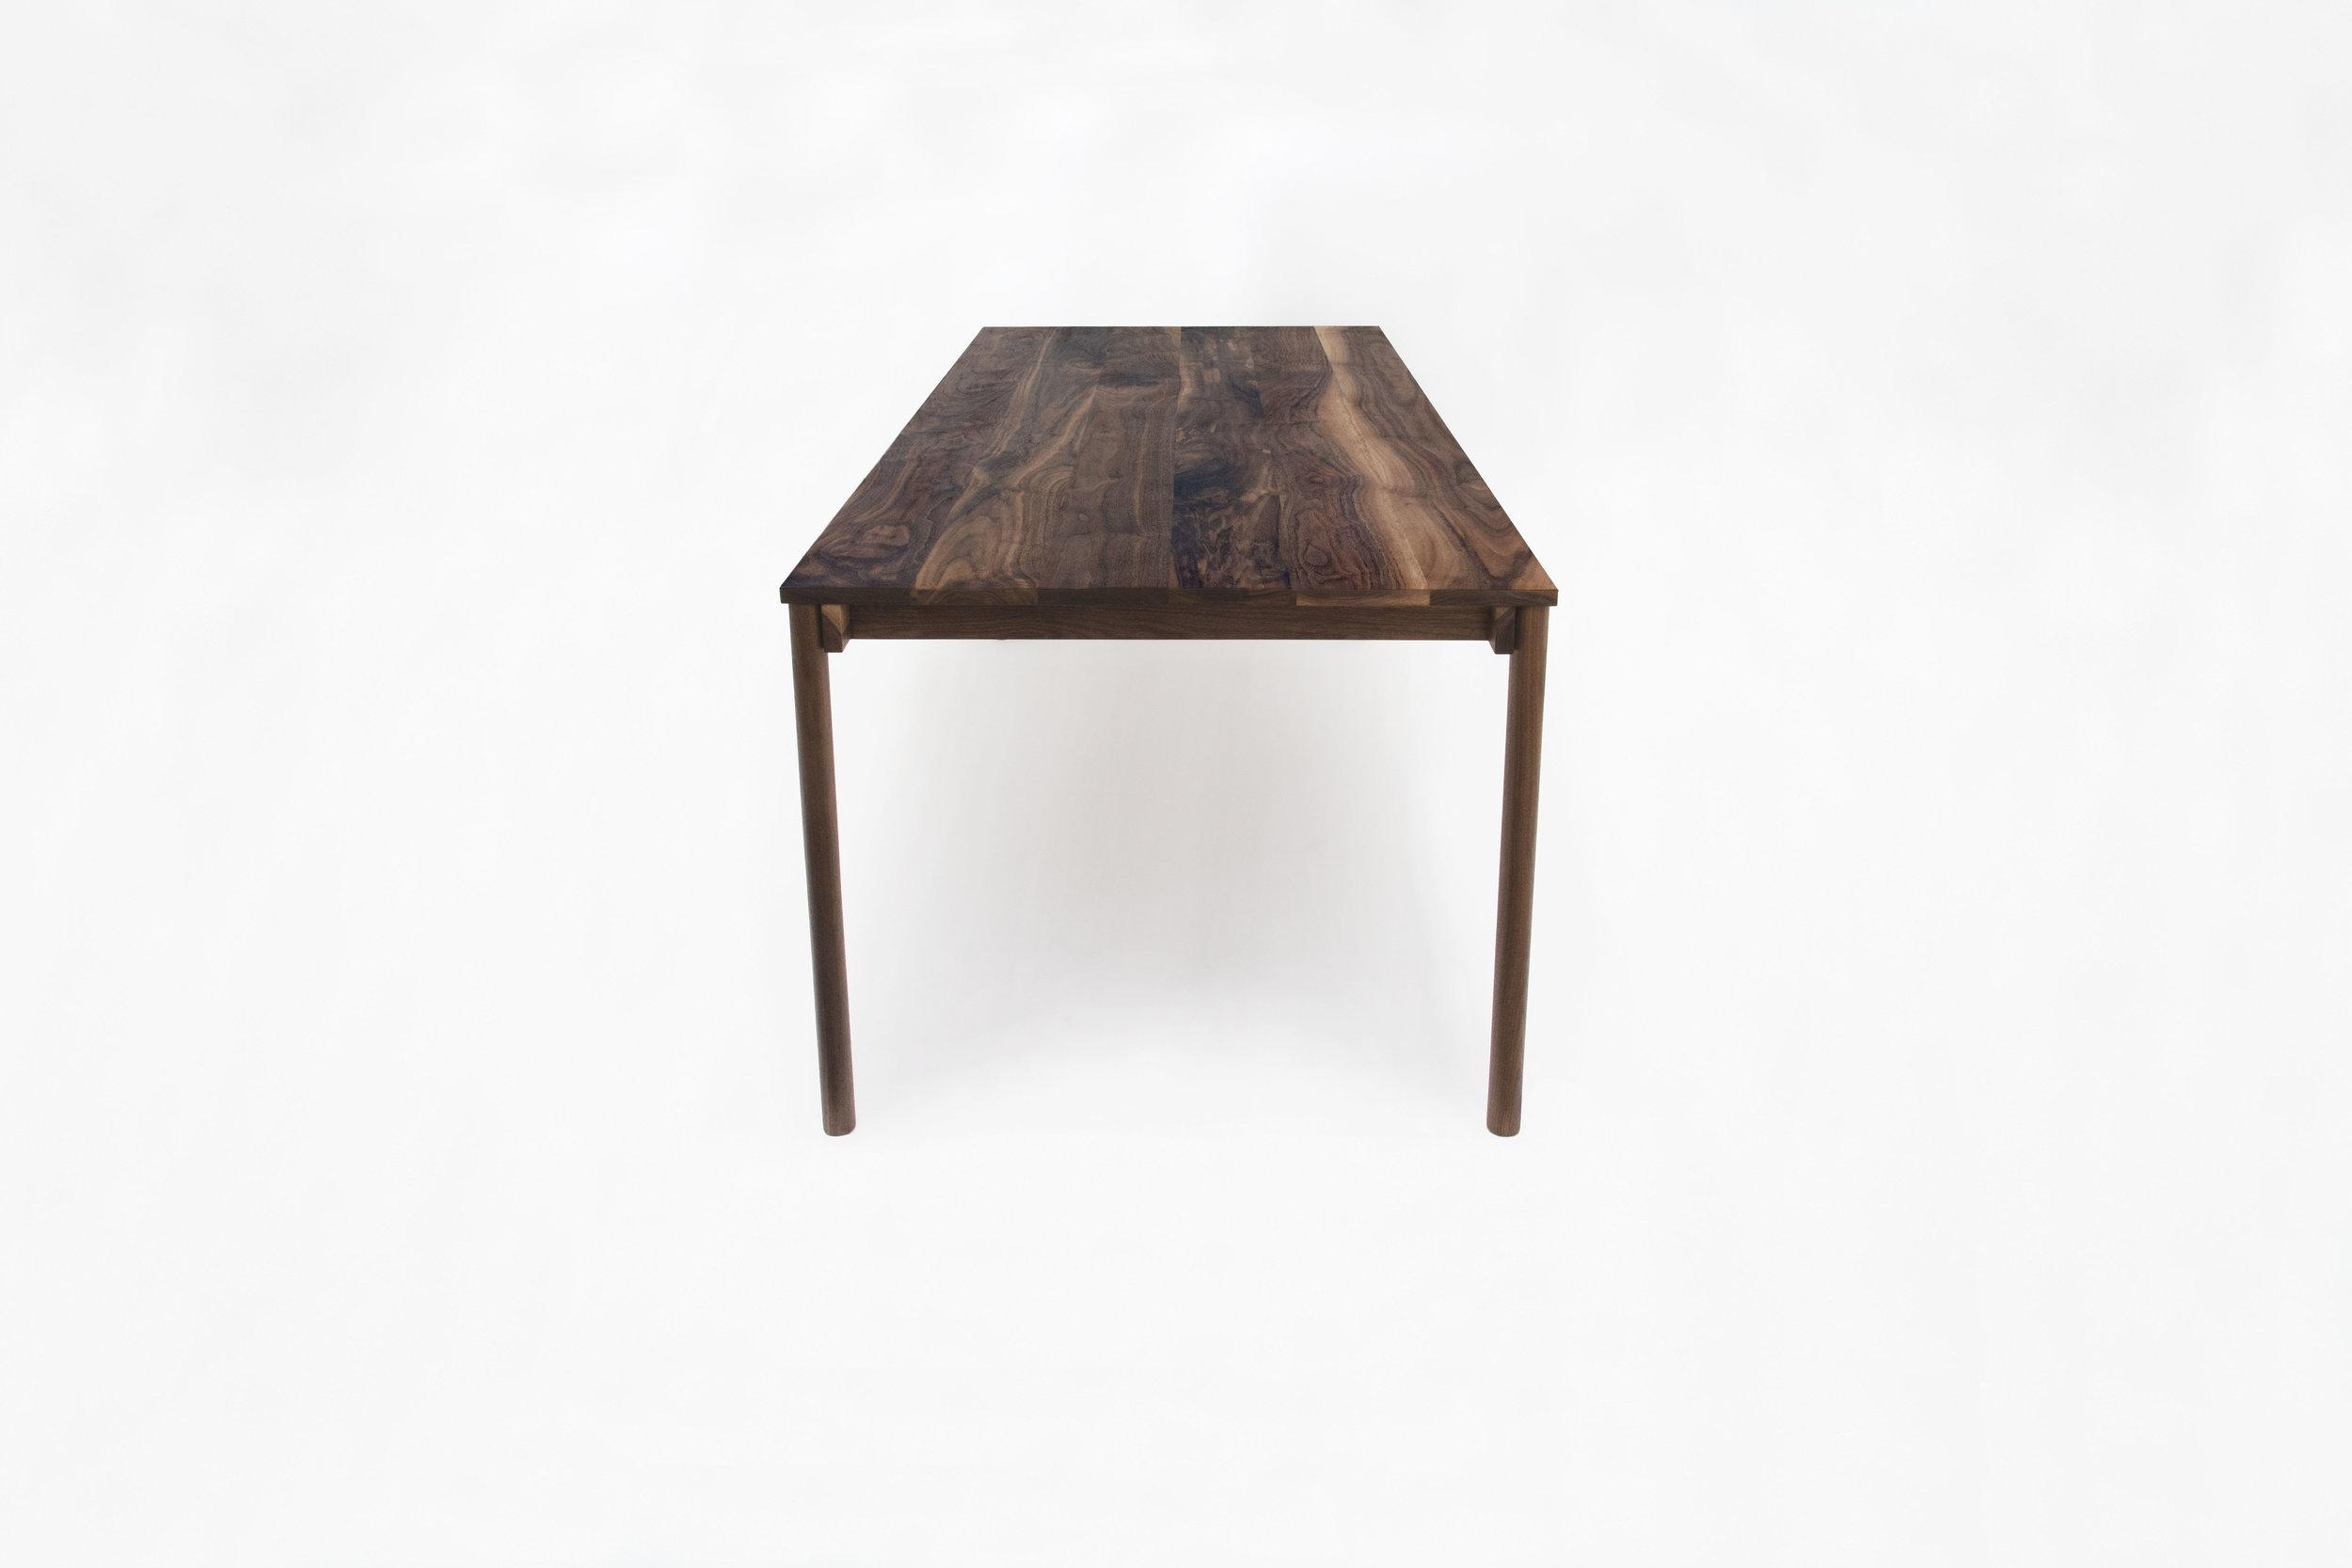 teot table 4.jpg